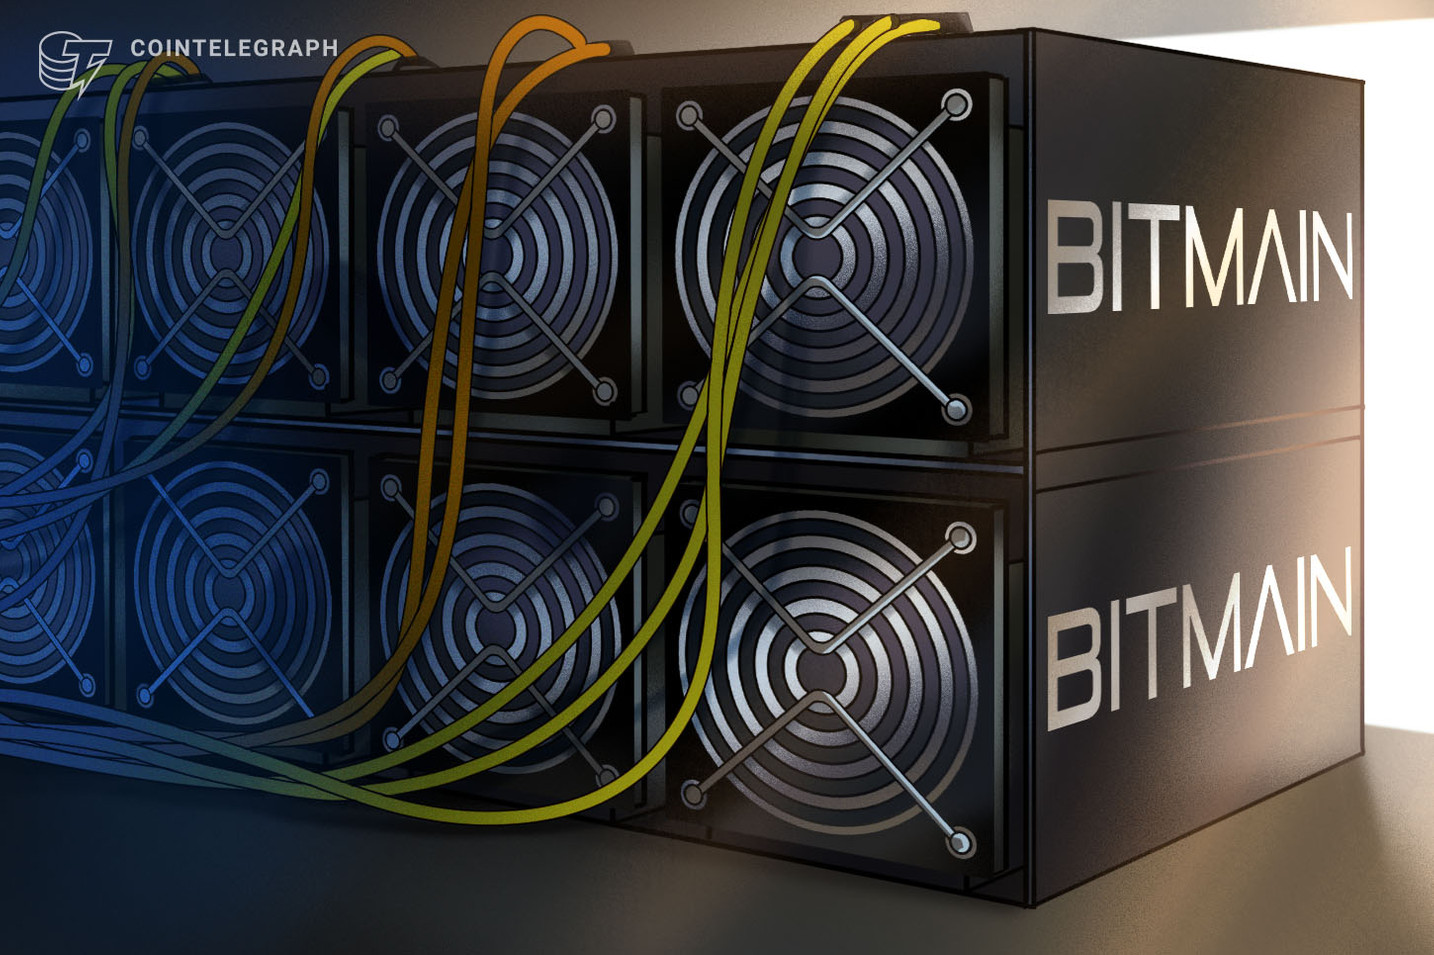 Wegen Krypto-Verbot – Bitmain verkauft keine Antminer mehr in China